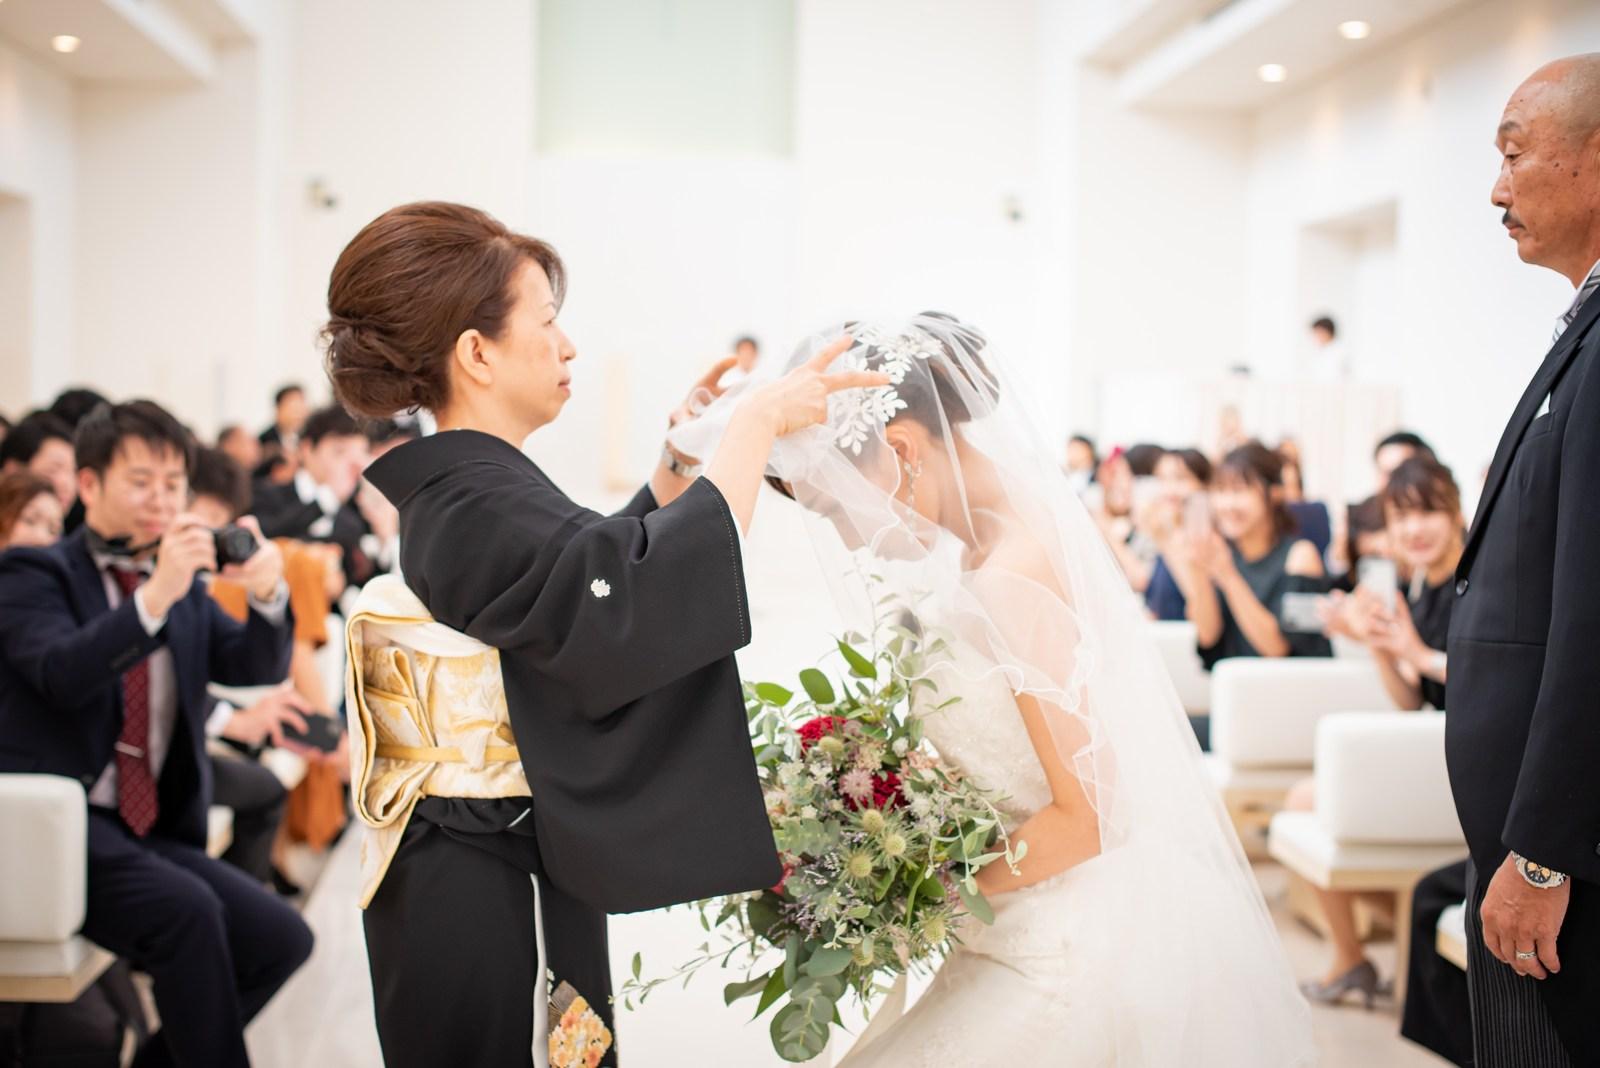 徳島市の結婚式場ブランアンジュのチャペルで母にベールダウンしてもらう新婦